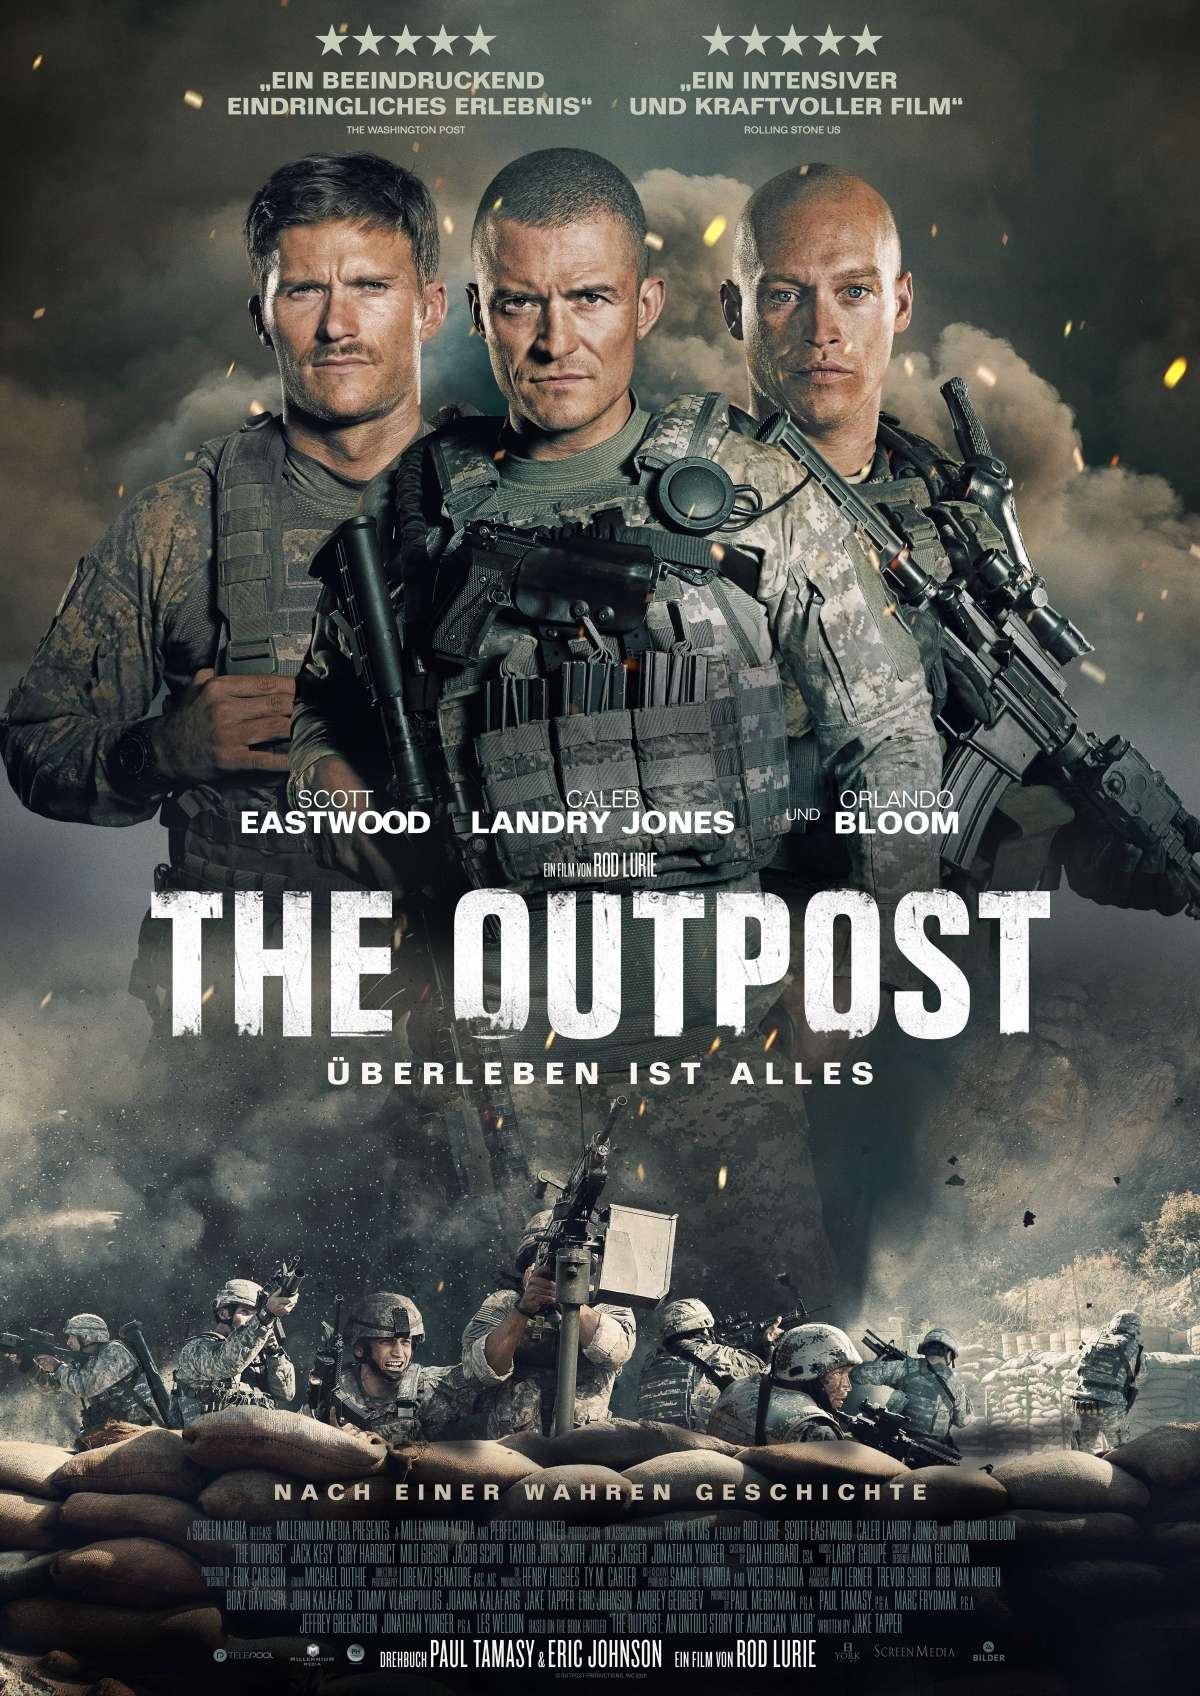 The Outpost - Überleben ist alles - Cine-Royal  - Fritzlar